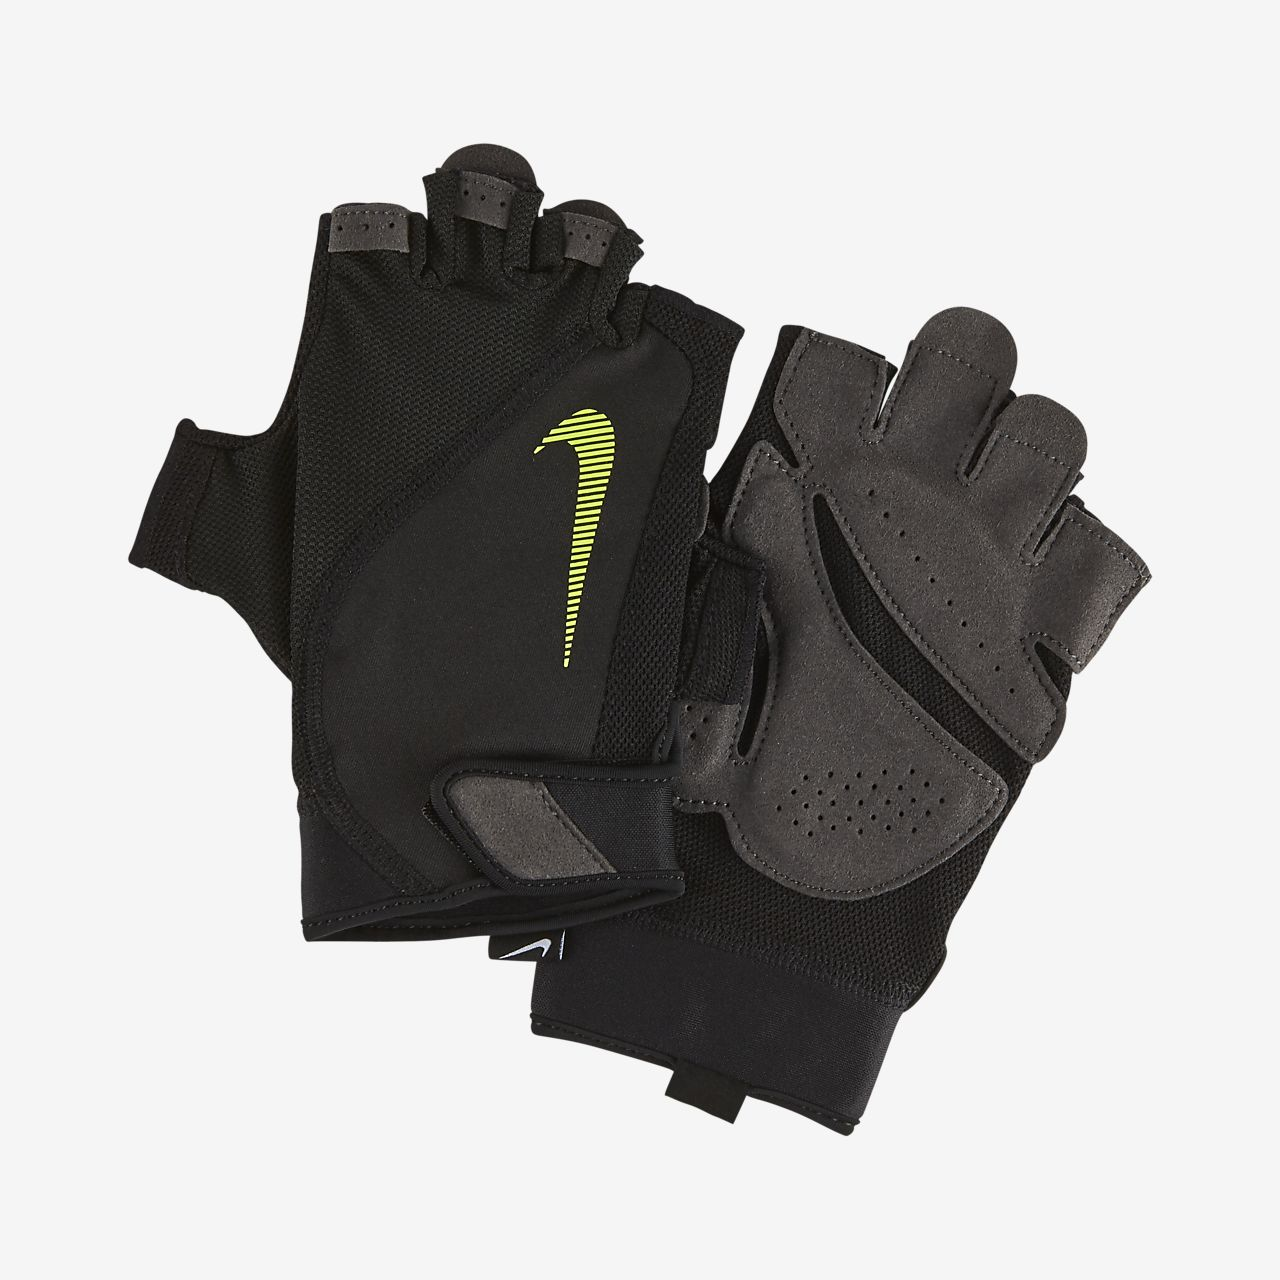 Nike Men's Training Gloves